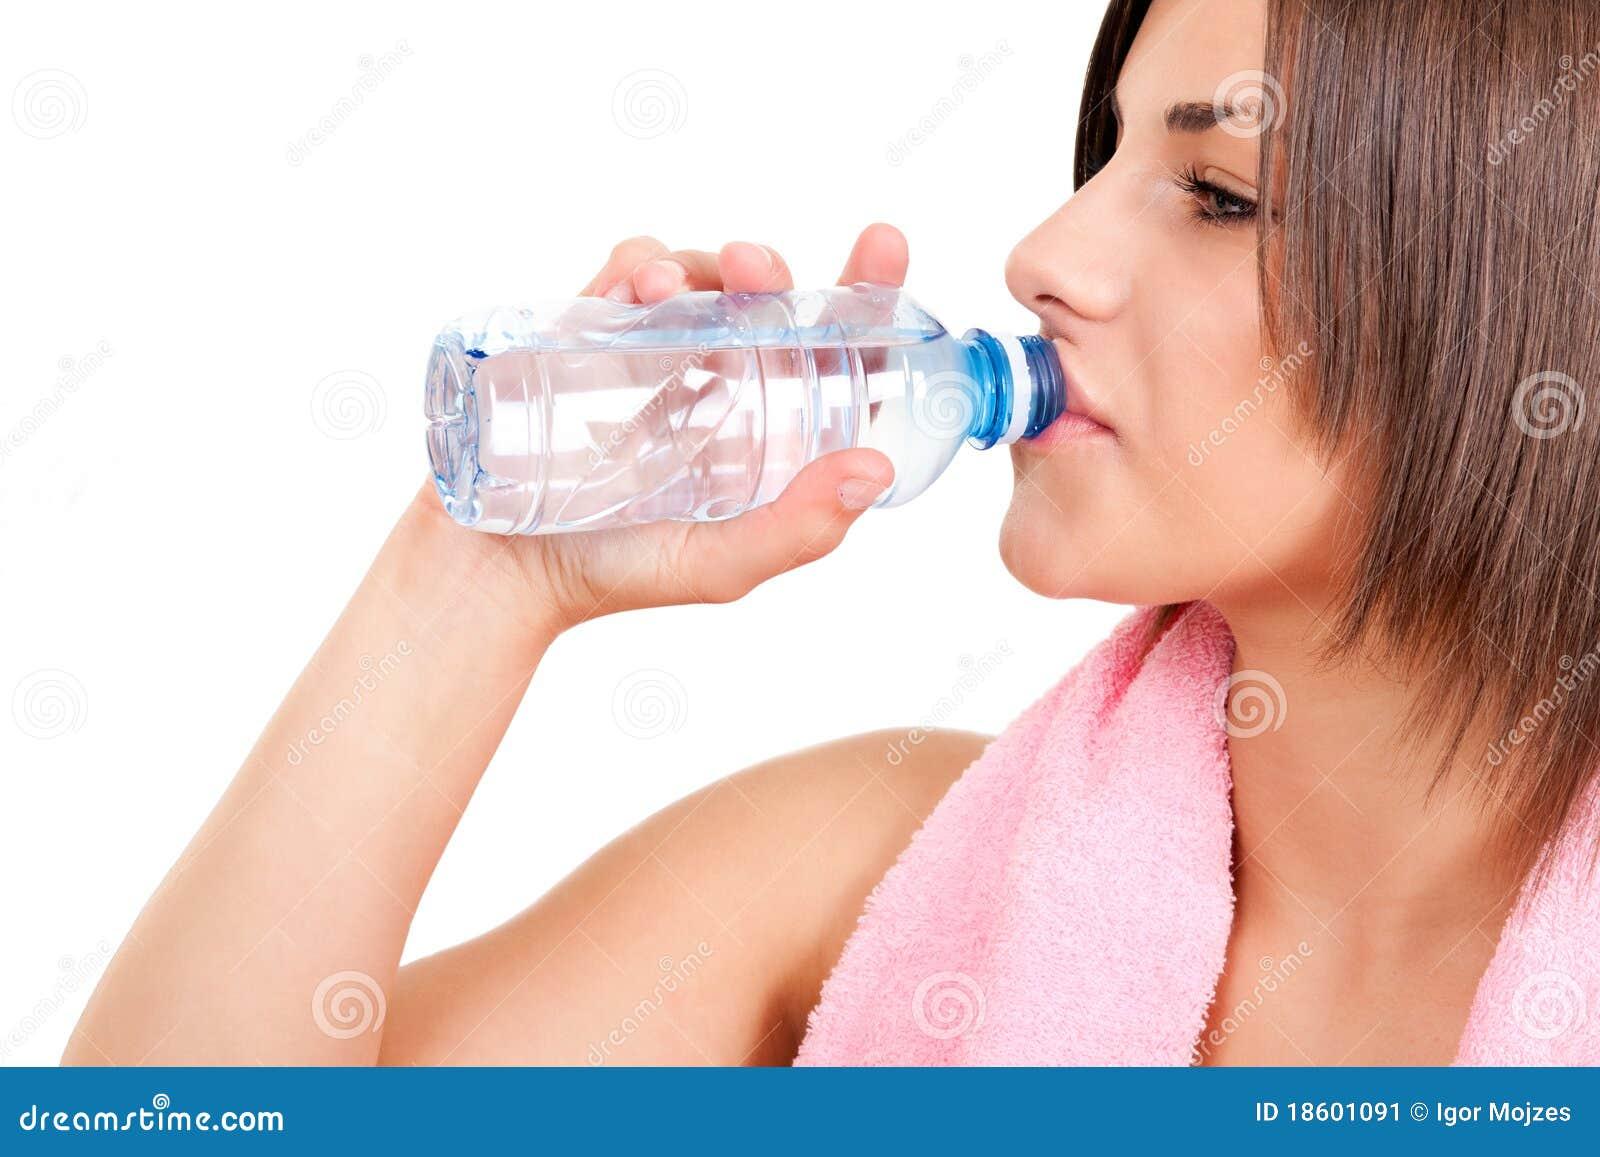 выпивая испытывающий жажду женщина воды